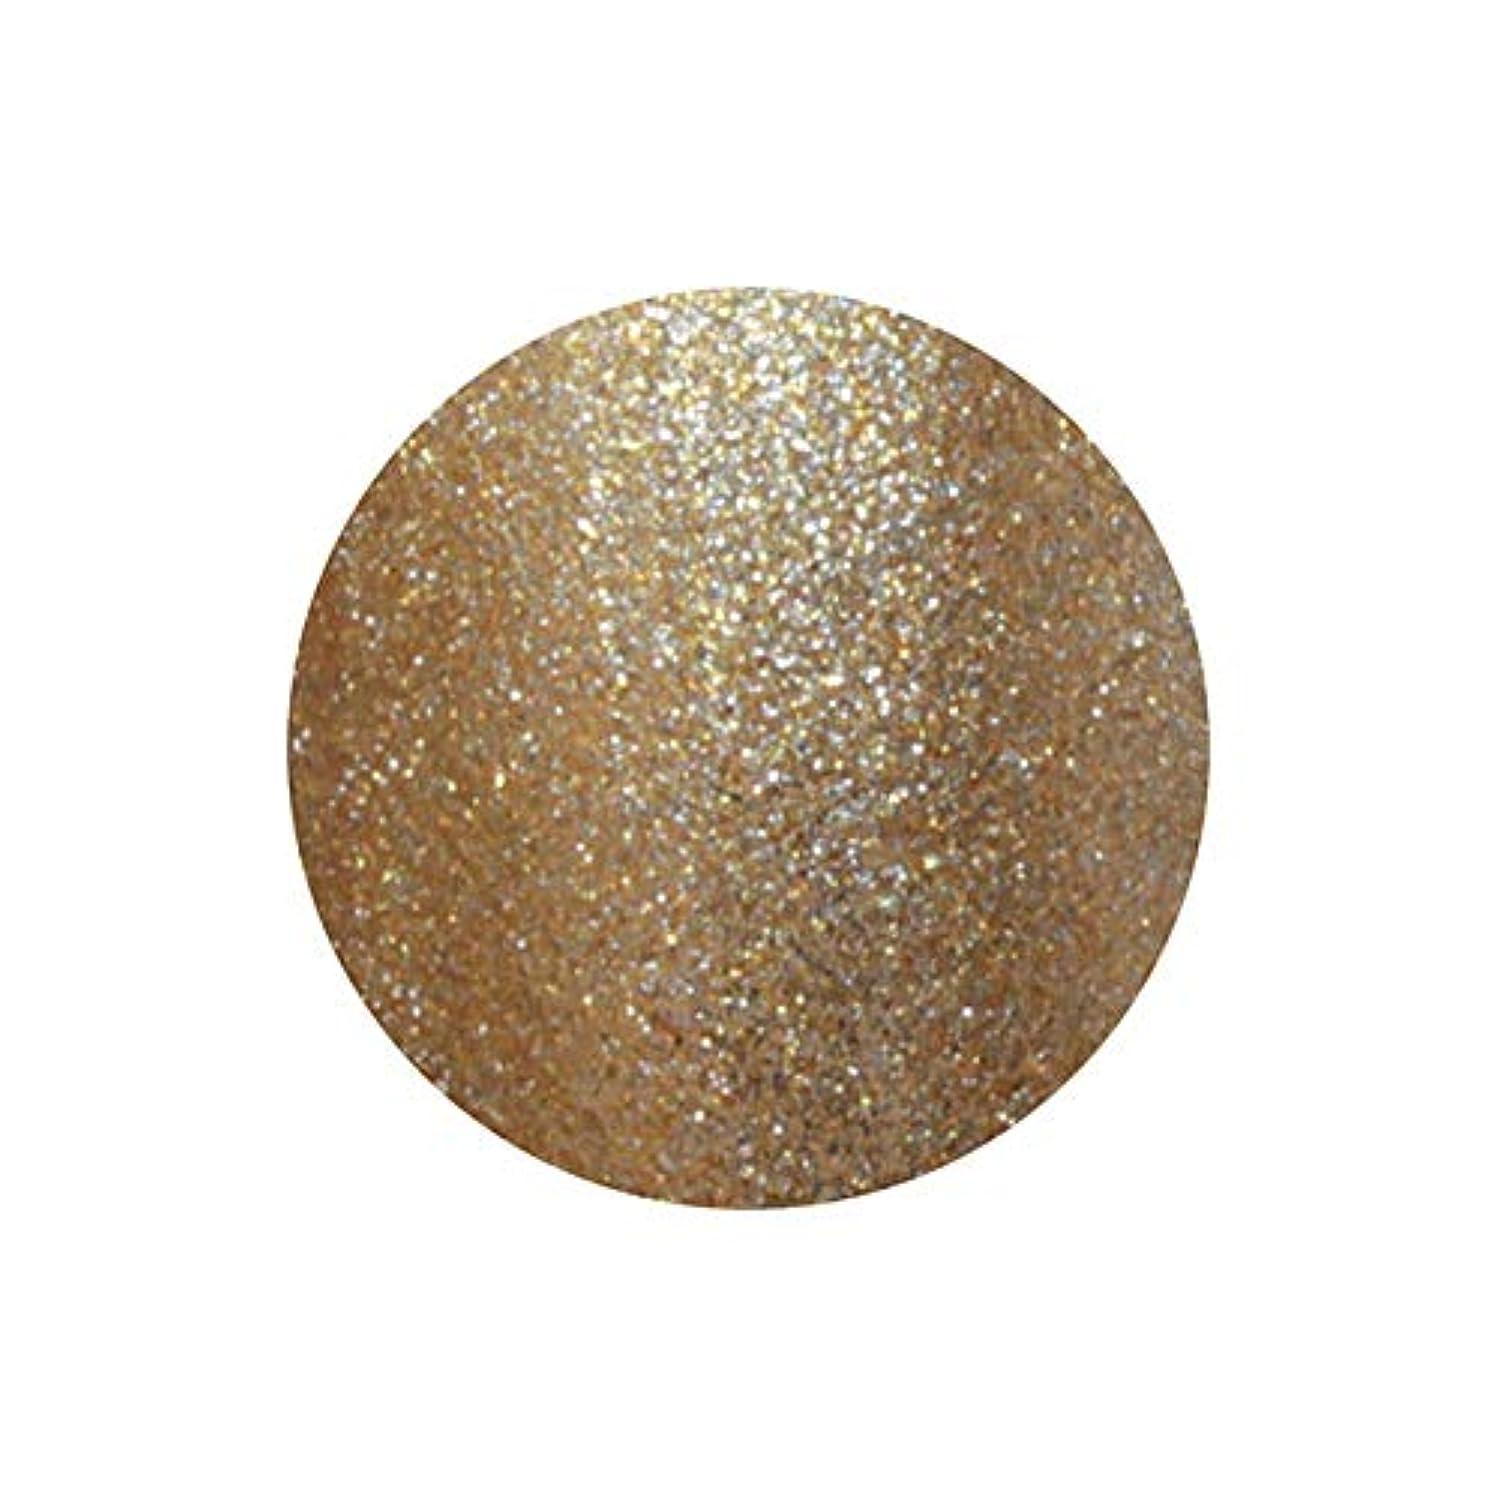 リーガンアダルトギャラントリー【NEW】T-GEL COLLECTION TINY T001 ゴールド 8ml